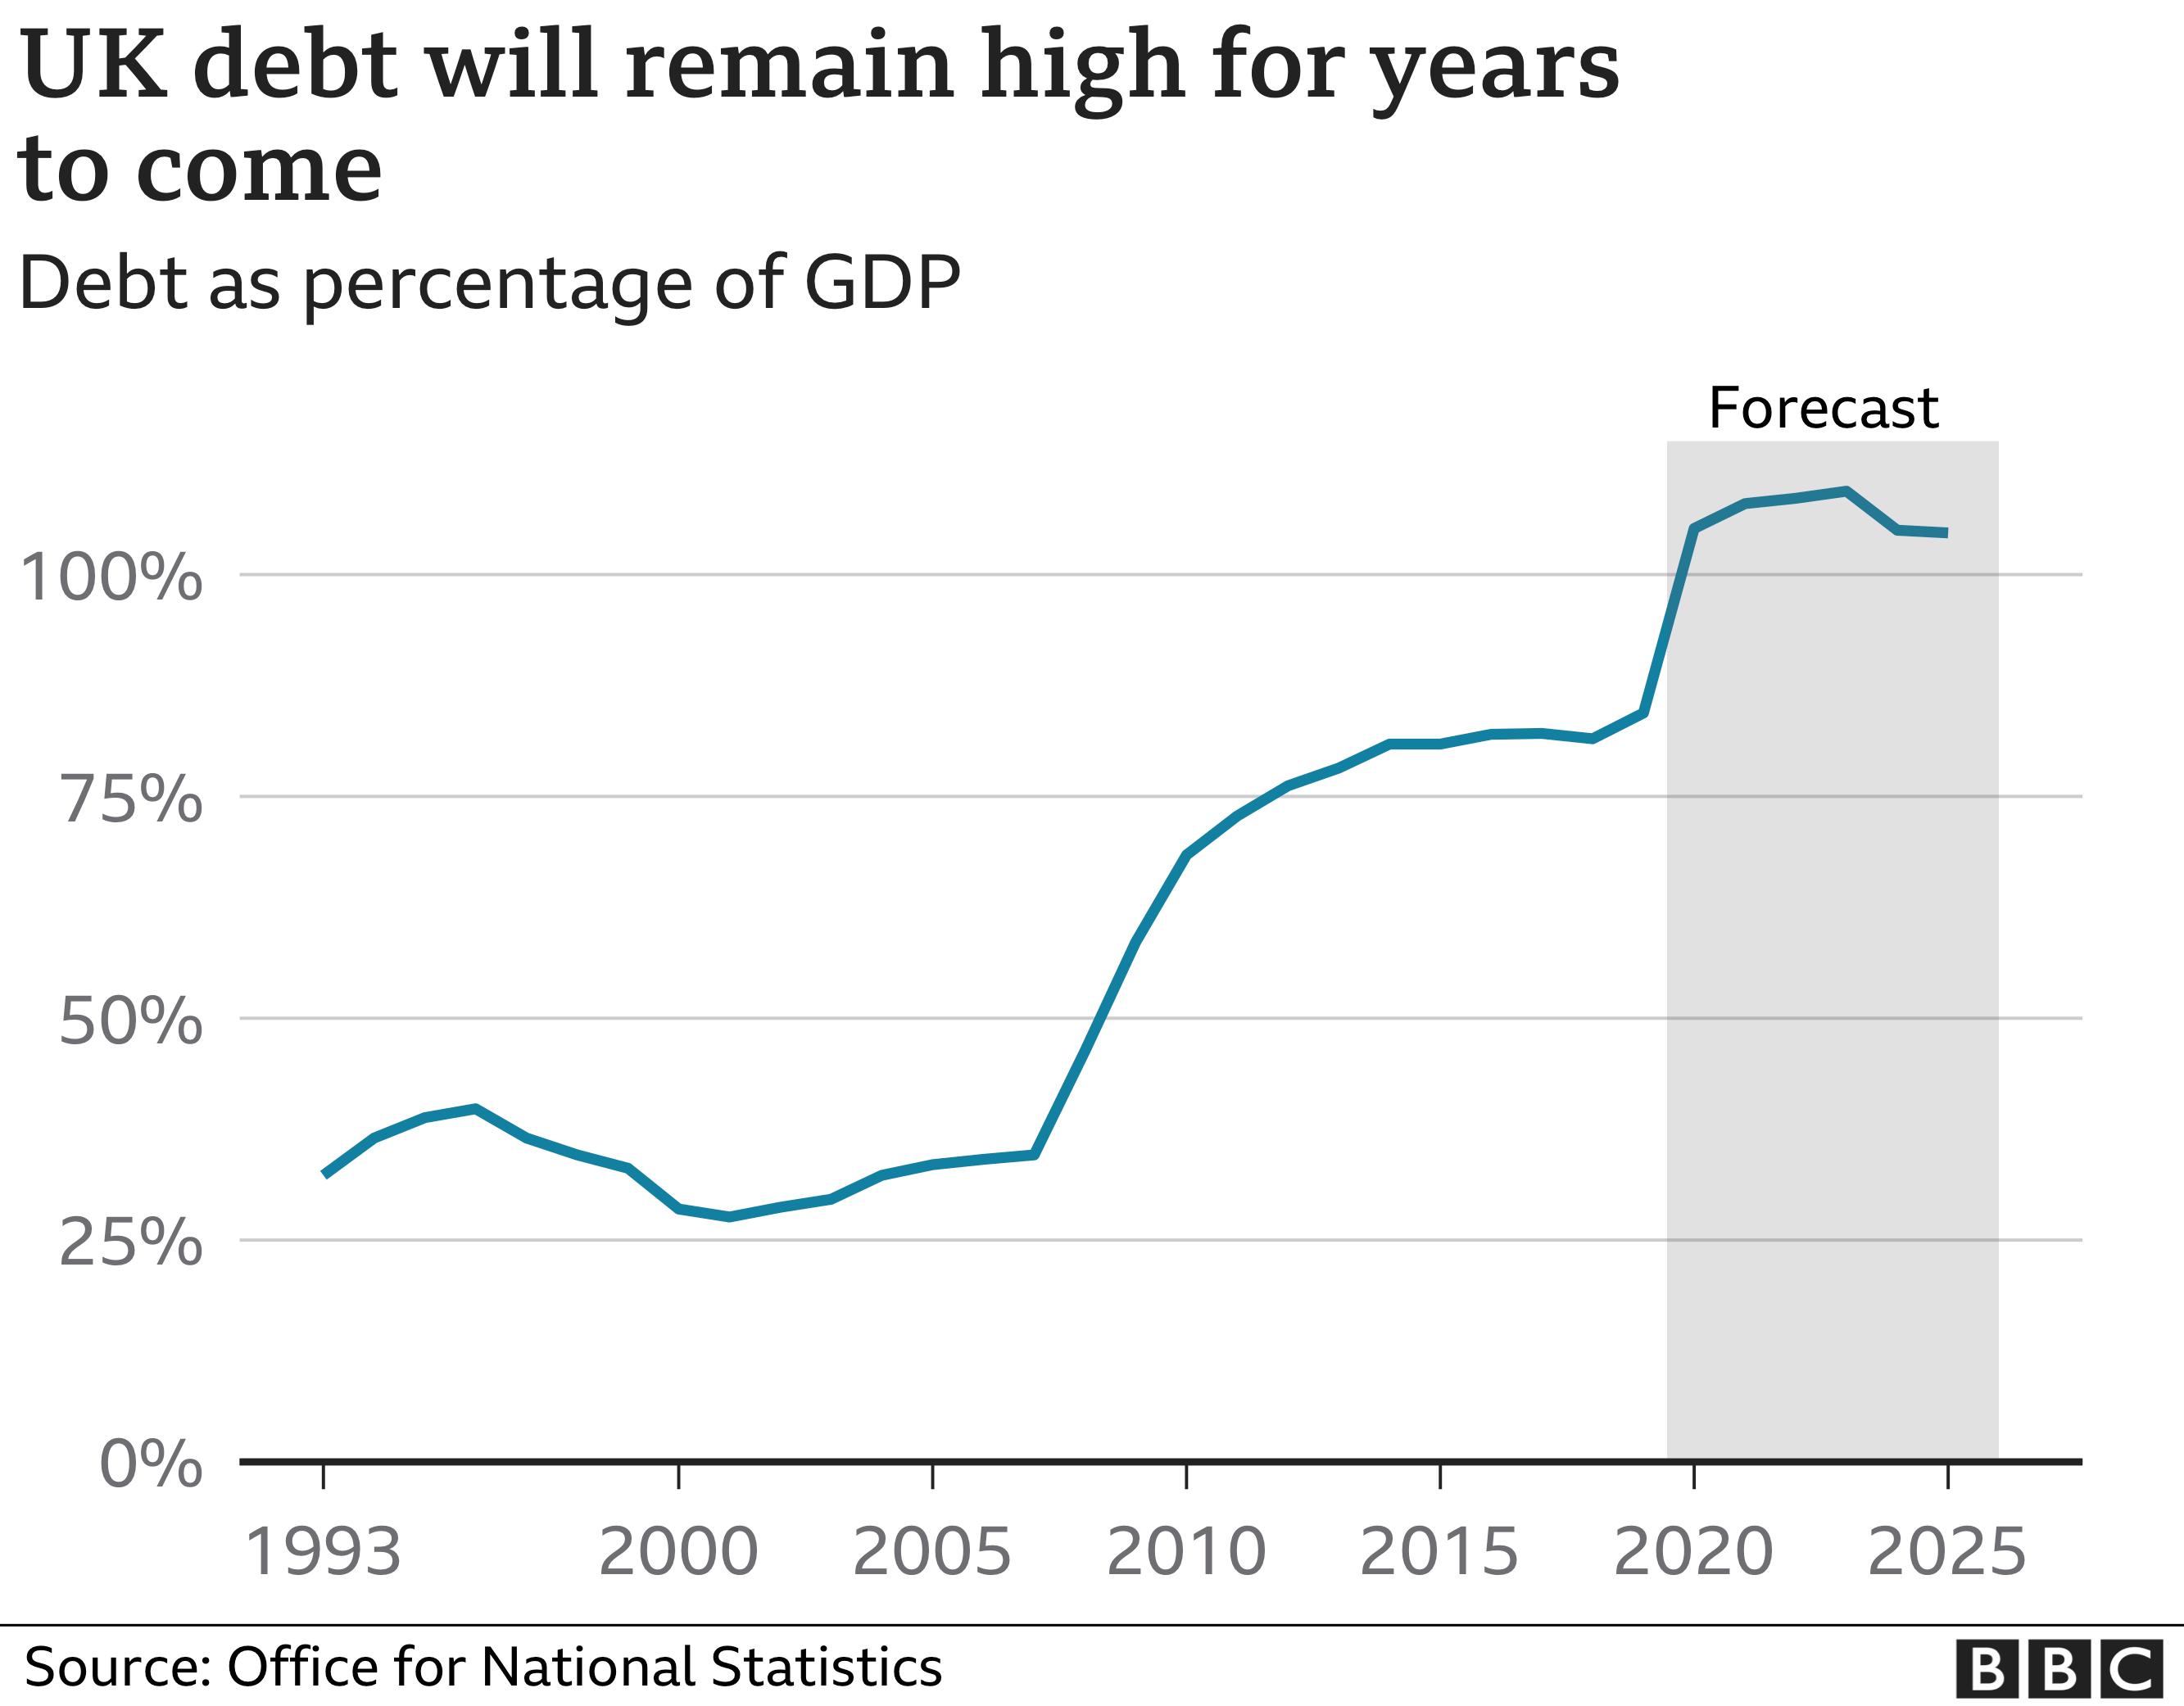 OBR Debt forecast